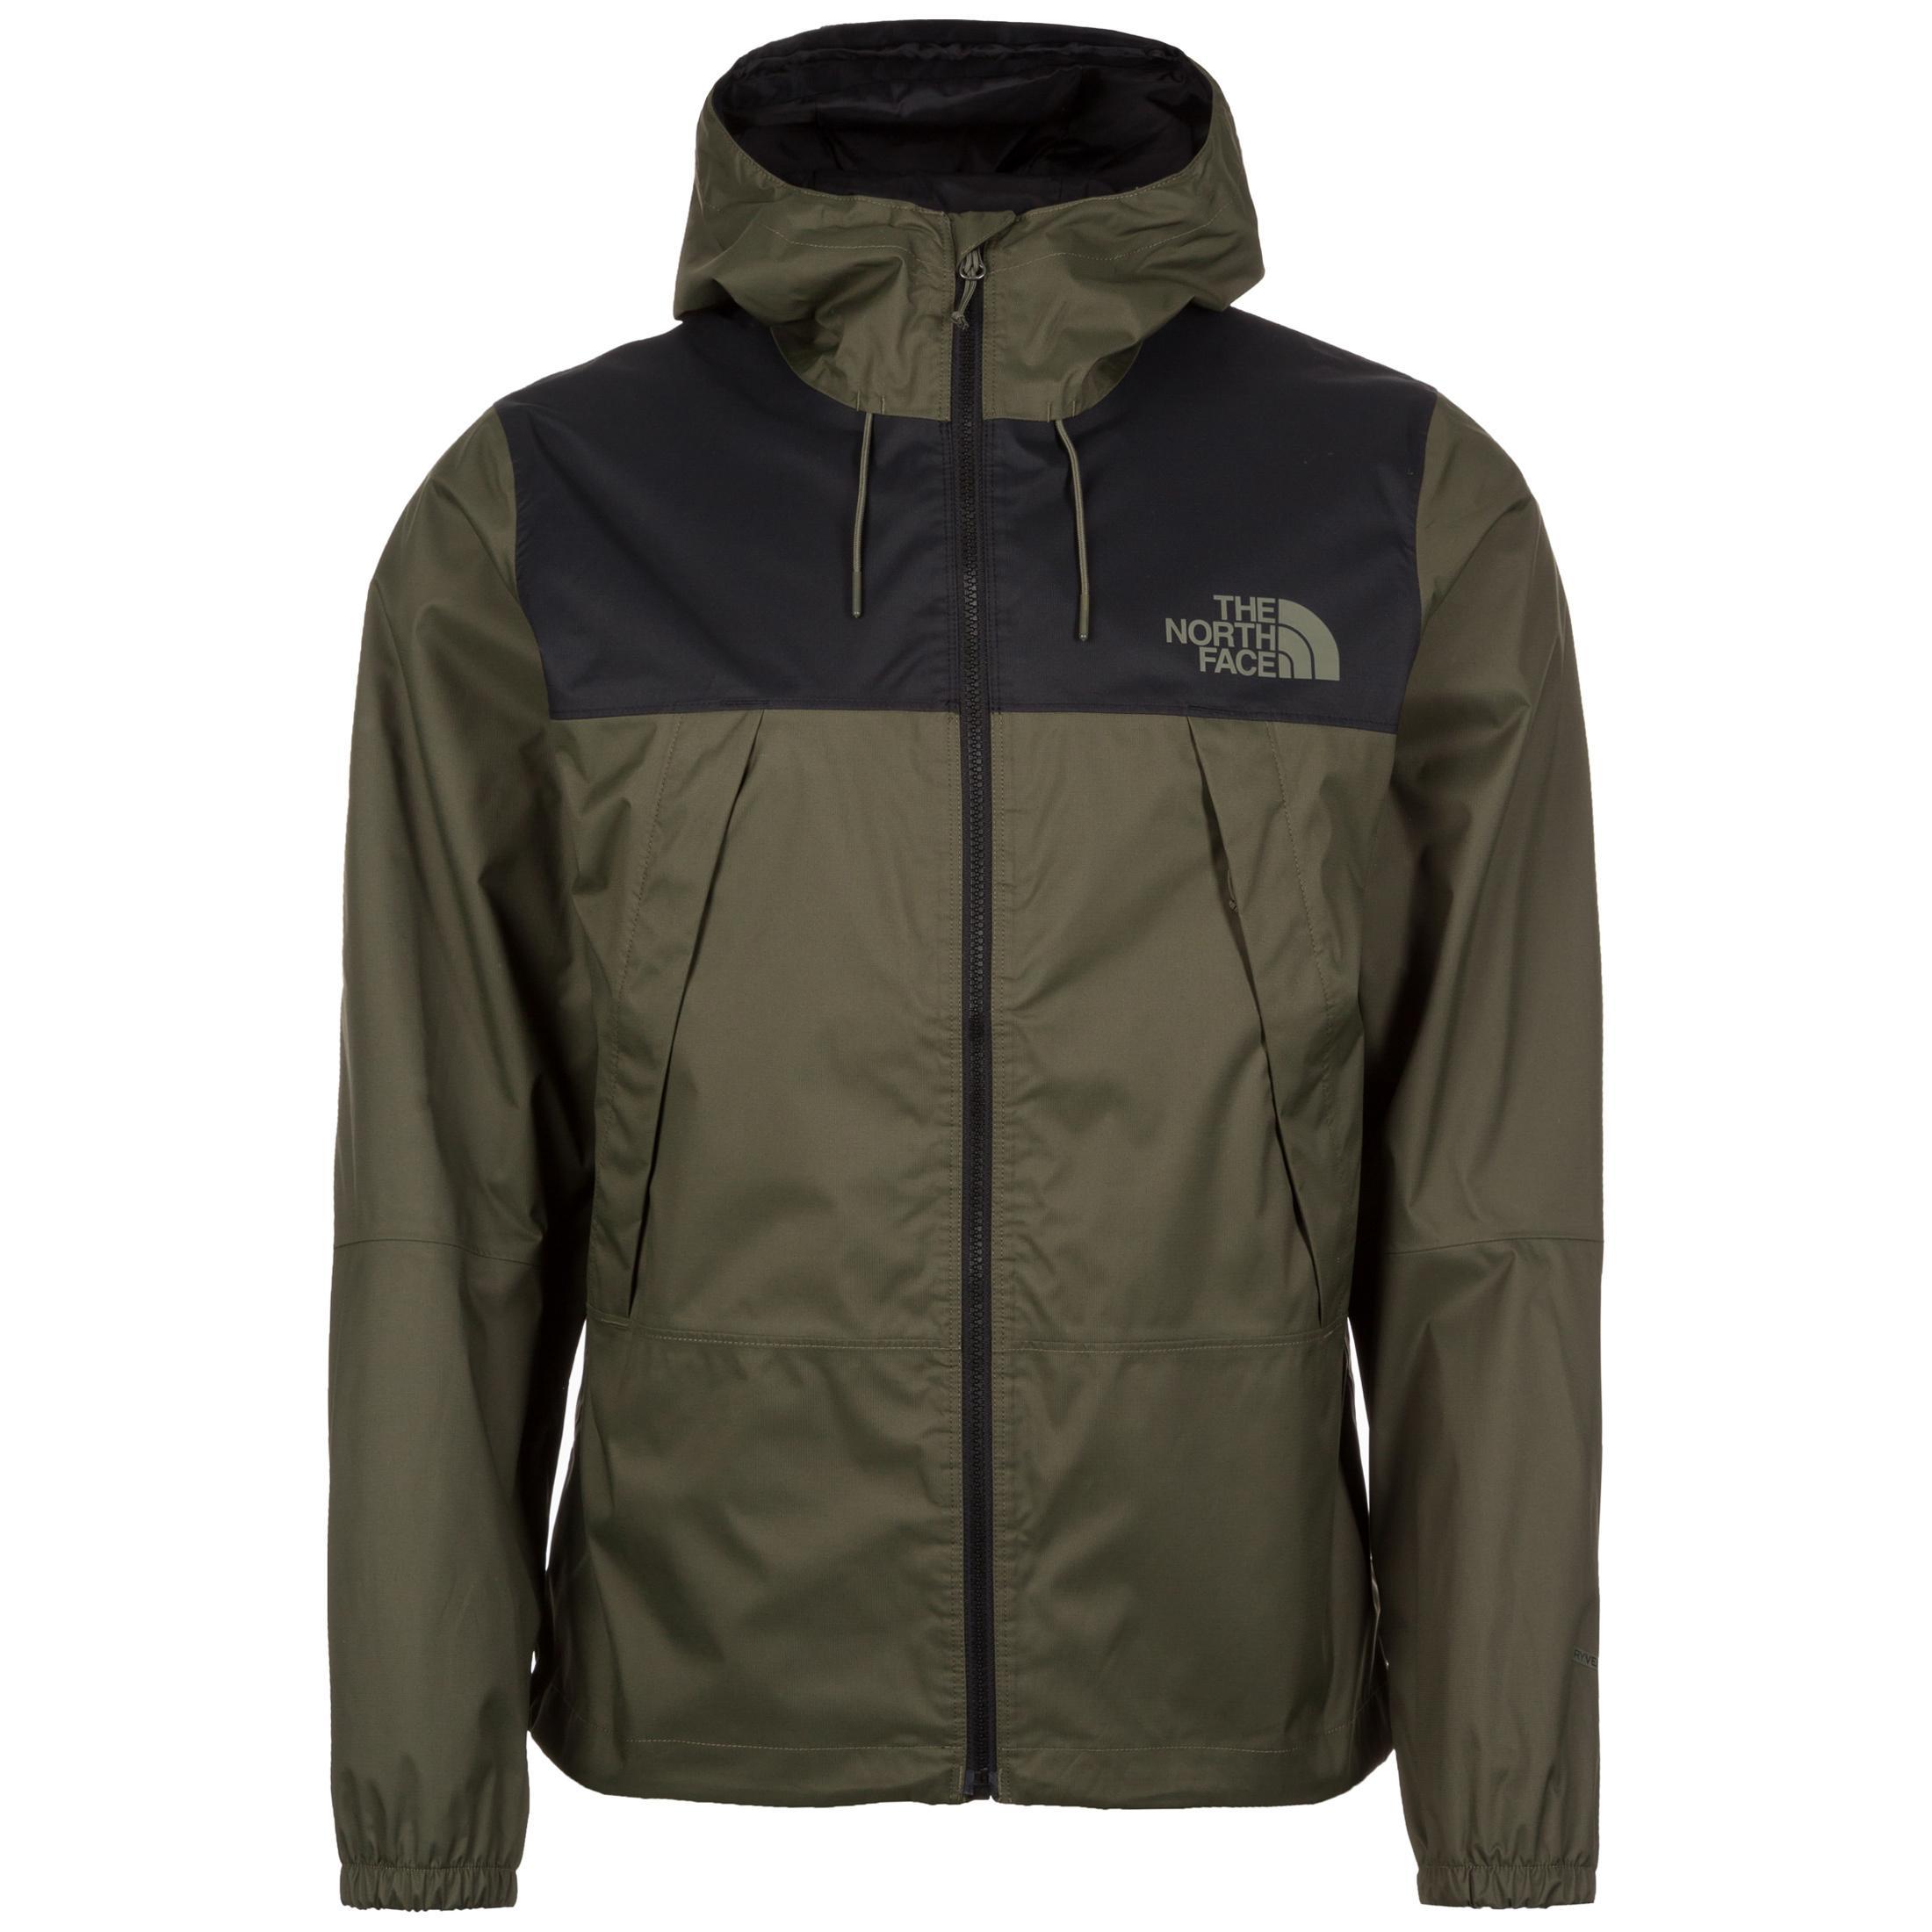 ae37f26aed The North Face 1990 Mountain Q Jacke Herren grün / schwarz im Online Shop  von SportScheck kaufen